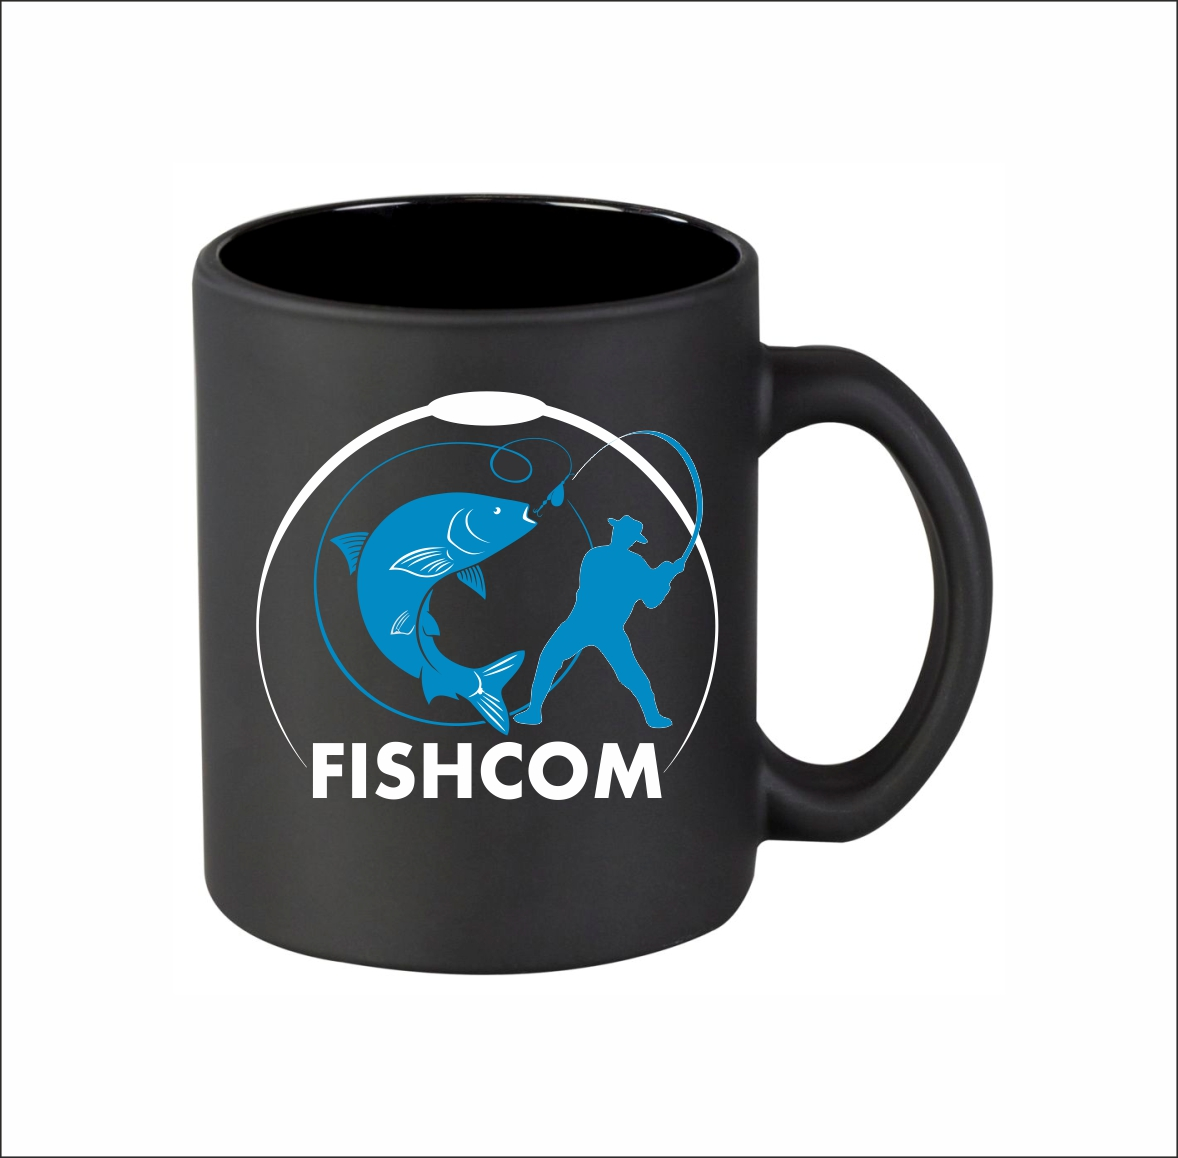 Создание логотипа и брэндбука для компании РЫБКОМ фото f_6635c19db6422eac.jpg